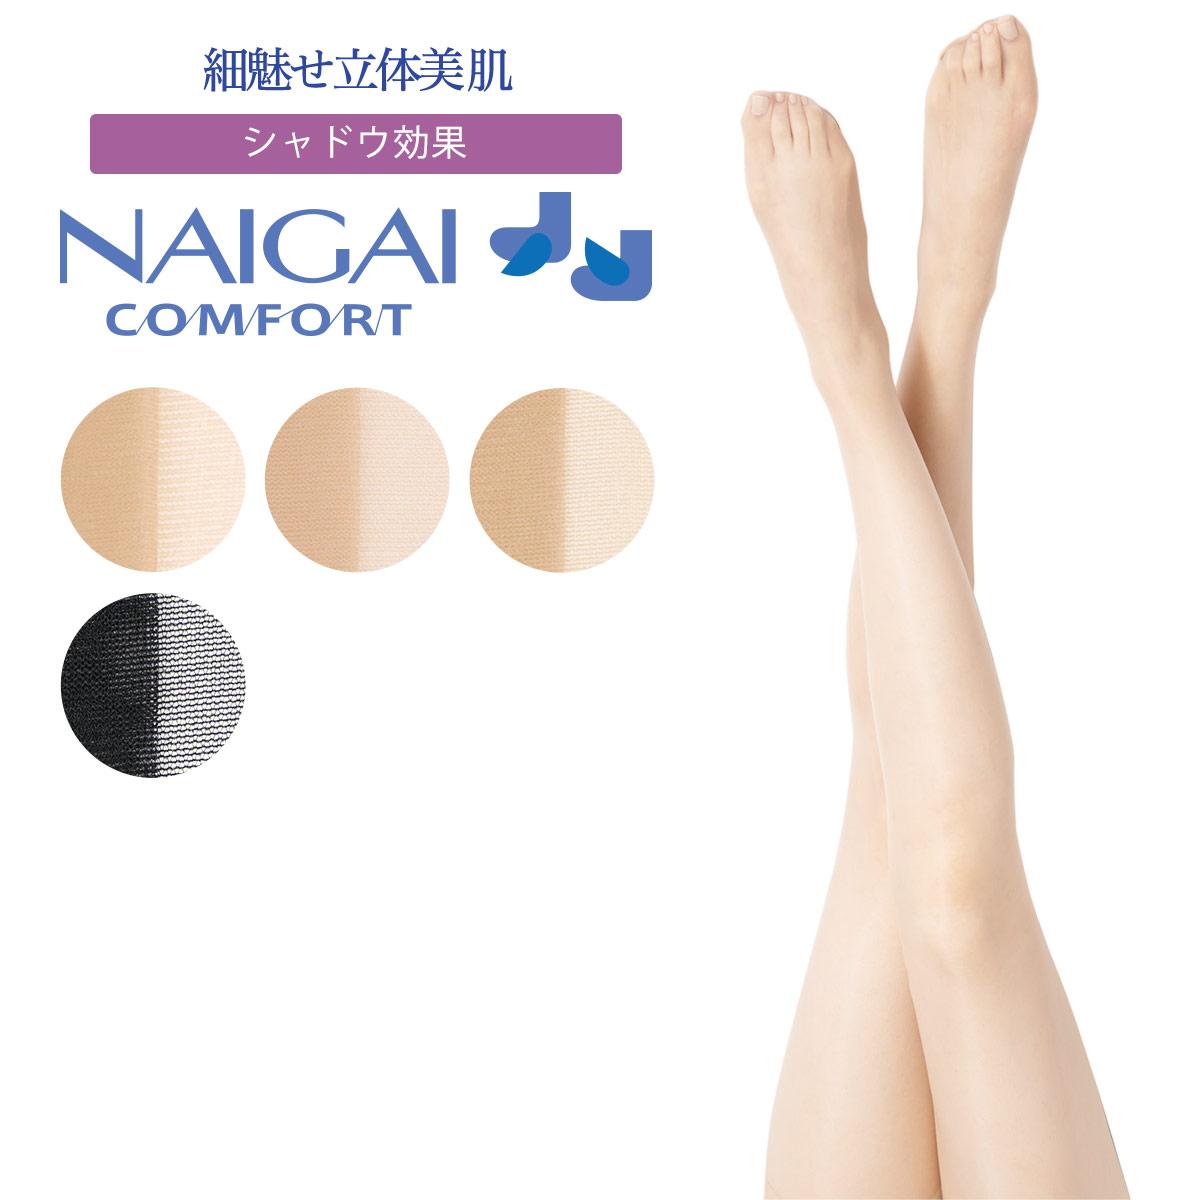 NAIGAI COMFORT 日本製 細魅せ立体美肌 シャドウ交編 ウエストゆったりゴム使用 つま先スルー レディース パンティ ストッキング